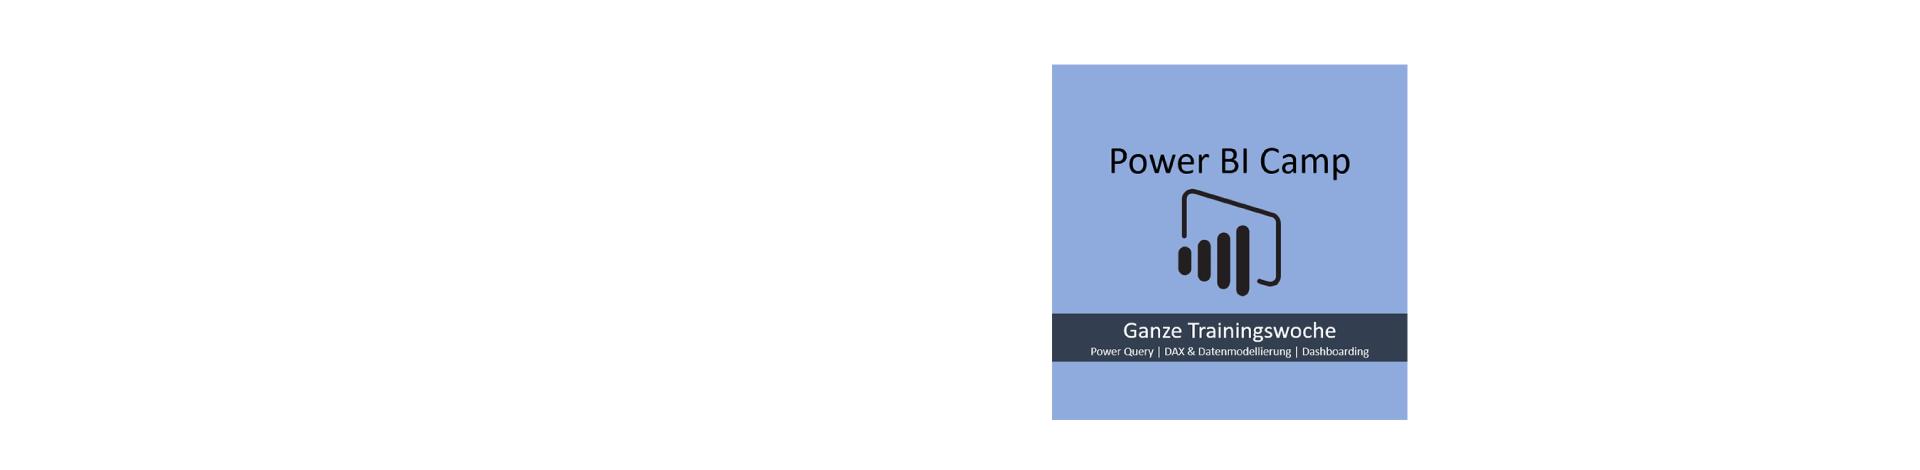 Power BI erlernen